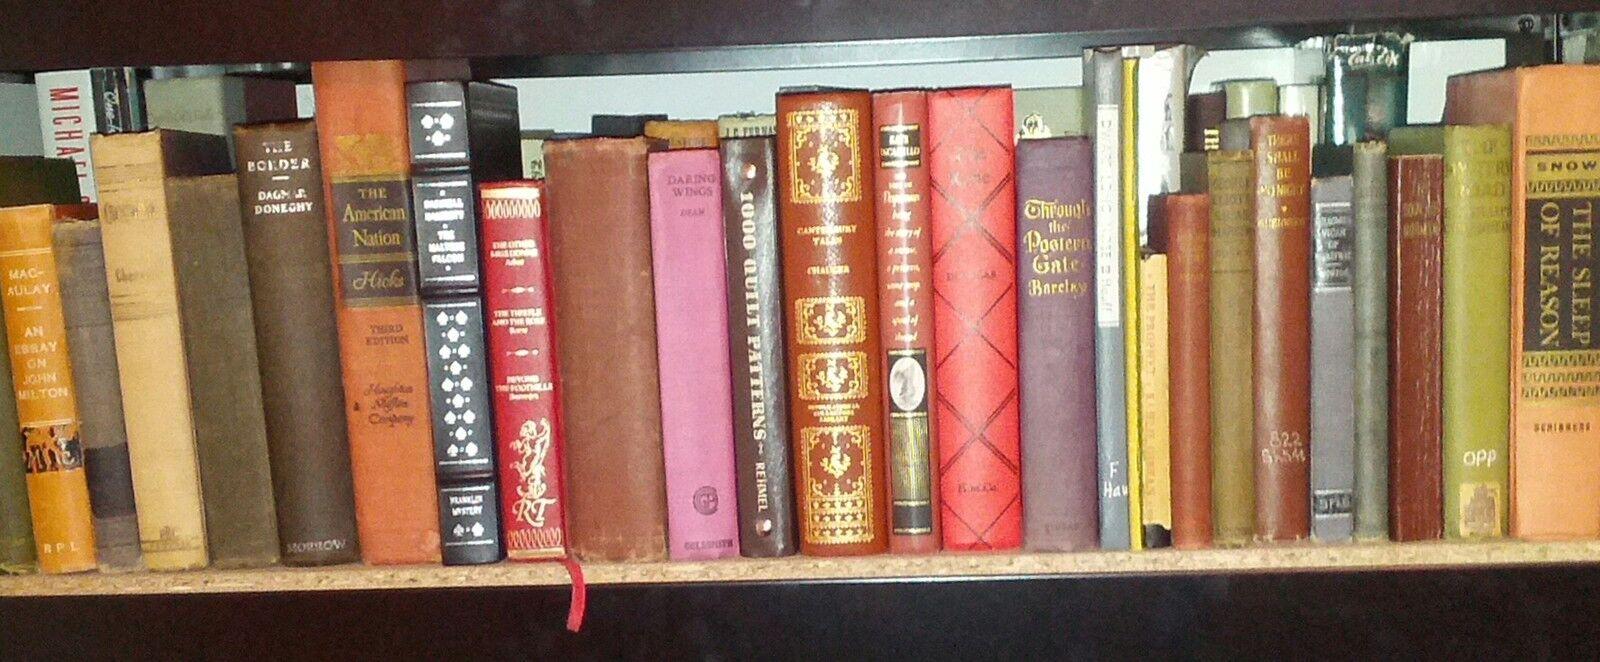 CK Rare Books